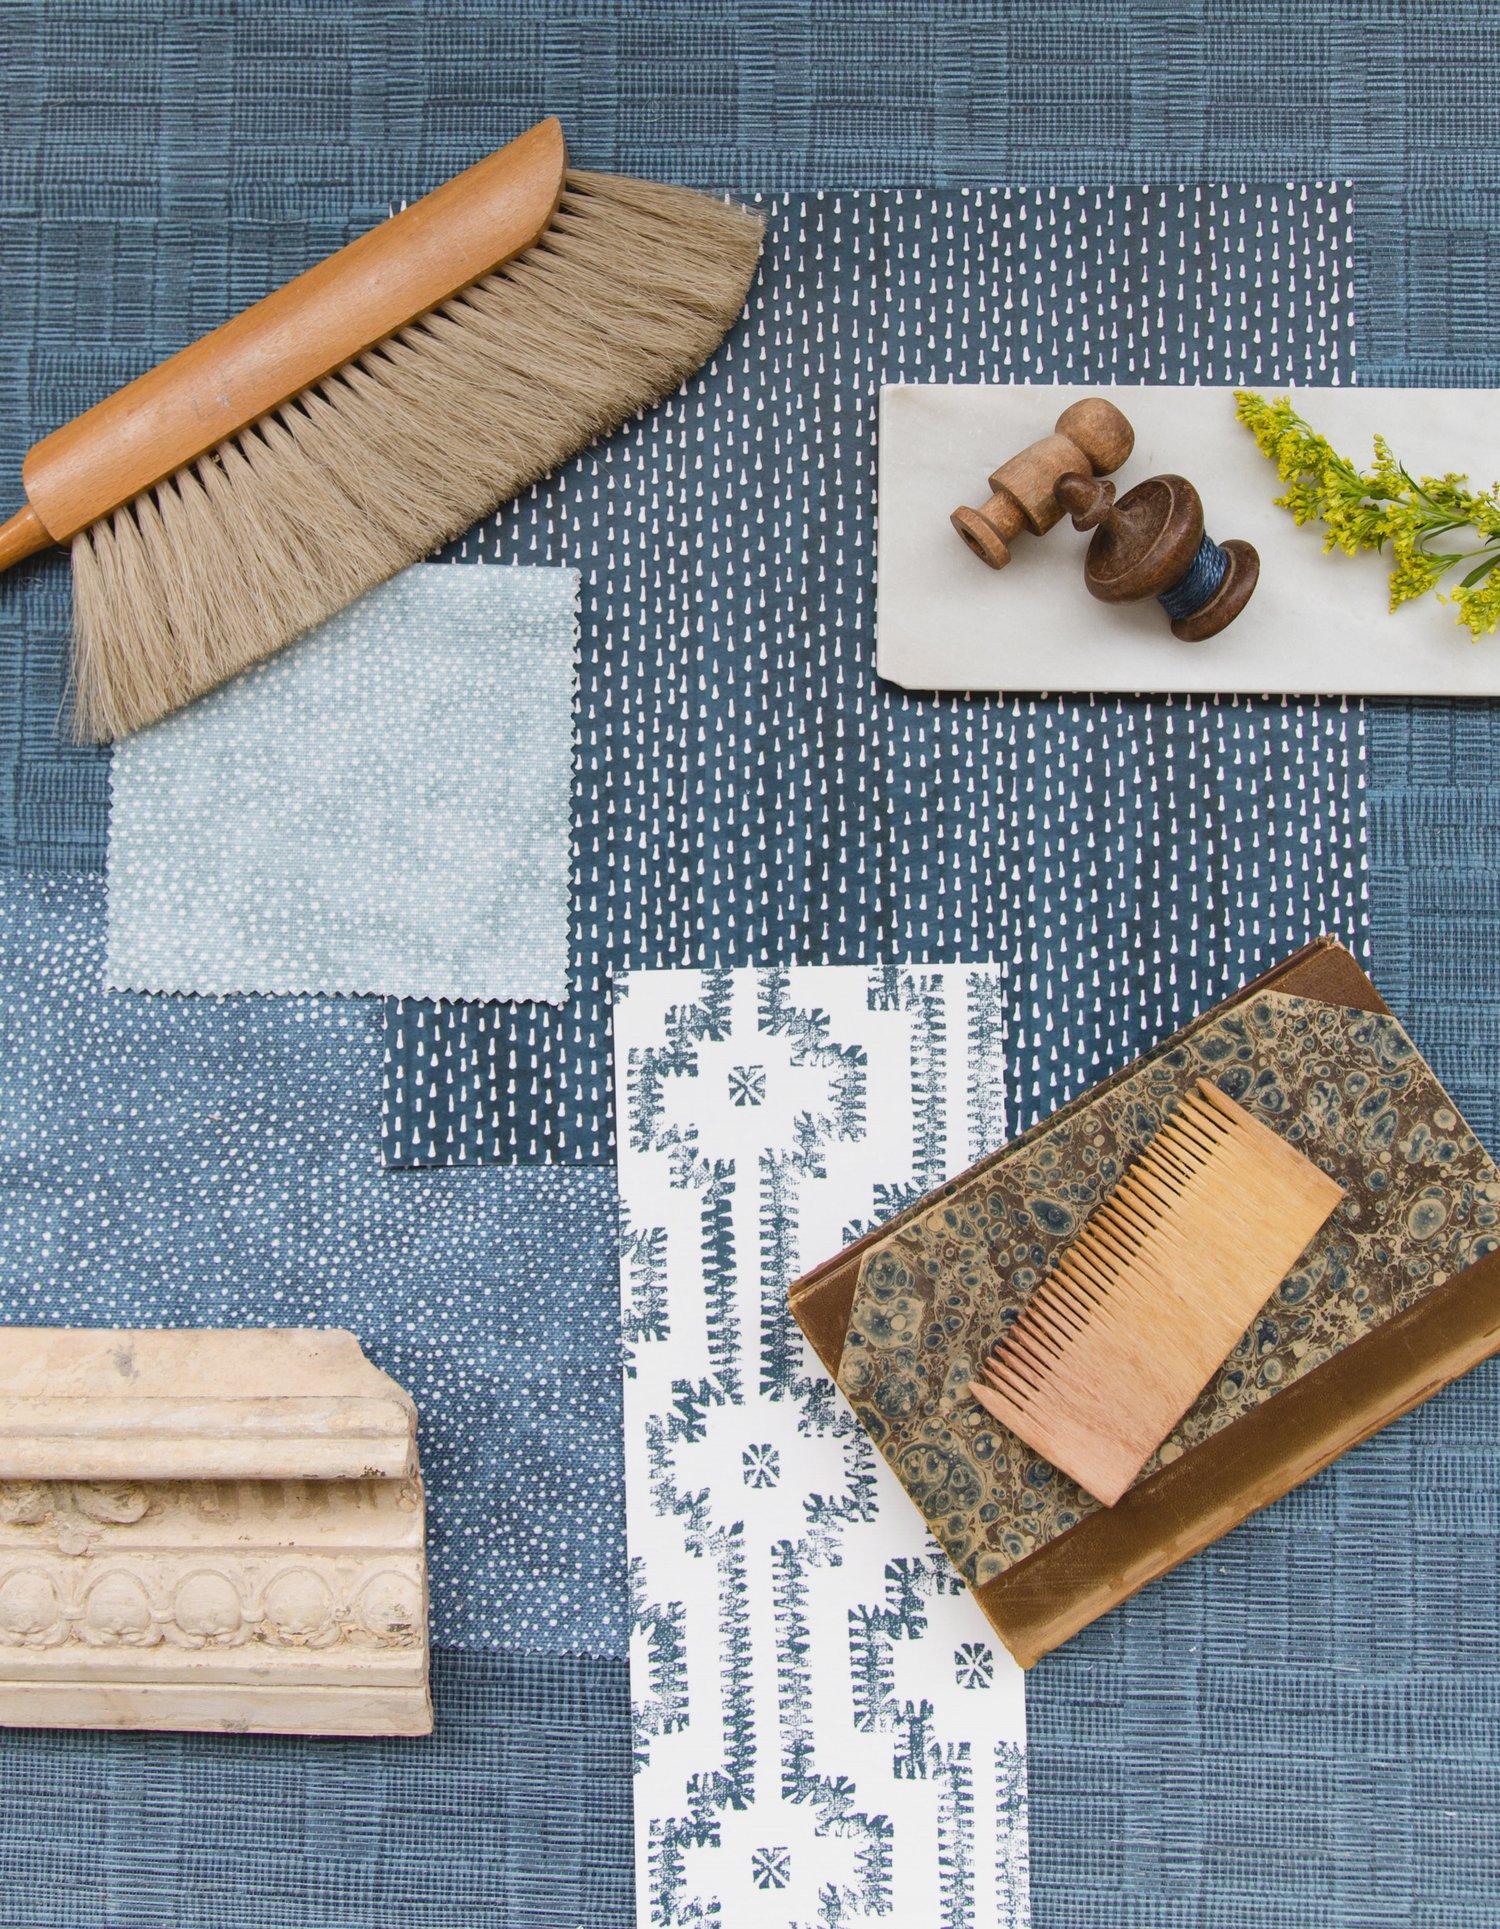 Maresca Textiles and Wallpaper